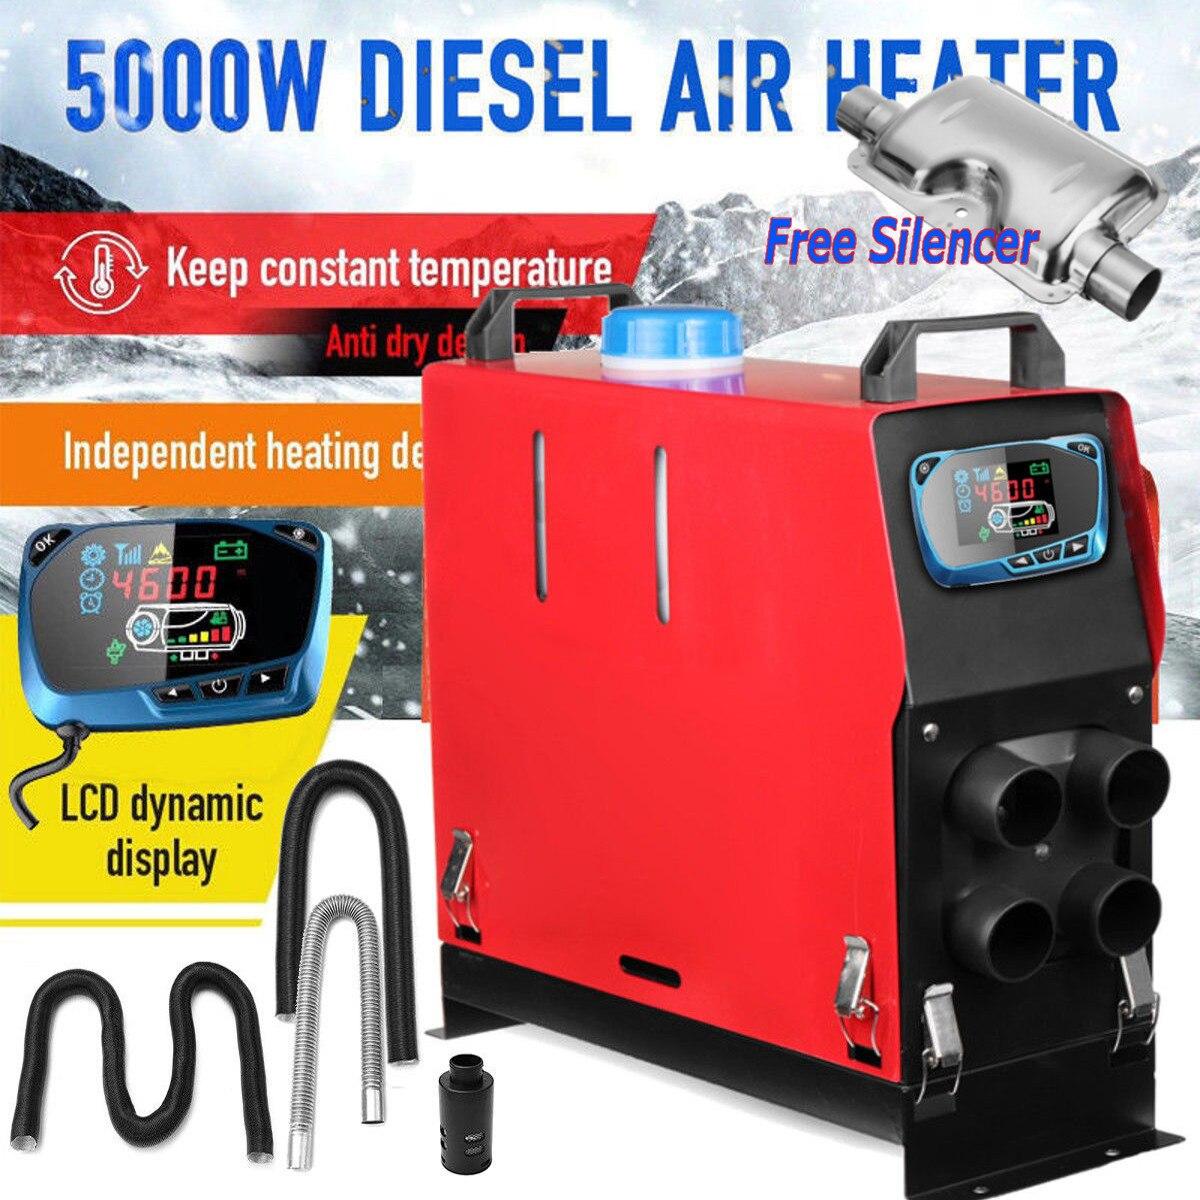 5000 Вт воздушные Дизели нагреватель 5 кВт 12 В в автомобильный нагреватель для грузовиков мотор-дома лодки автобус + новейший ЖК-ключ переключ...